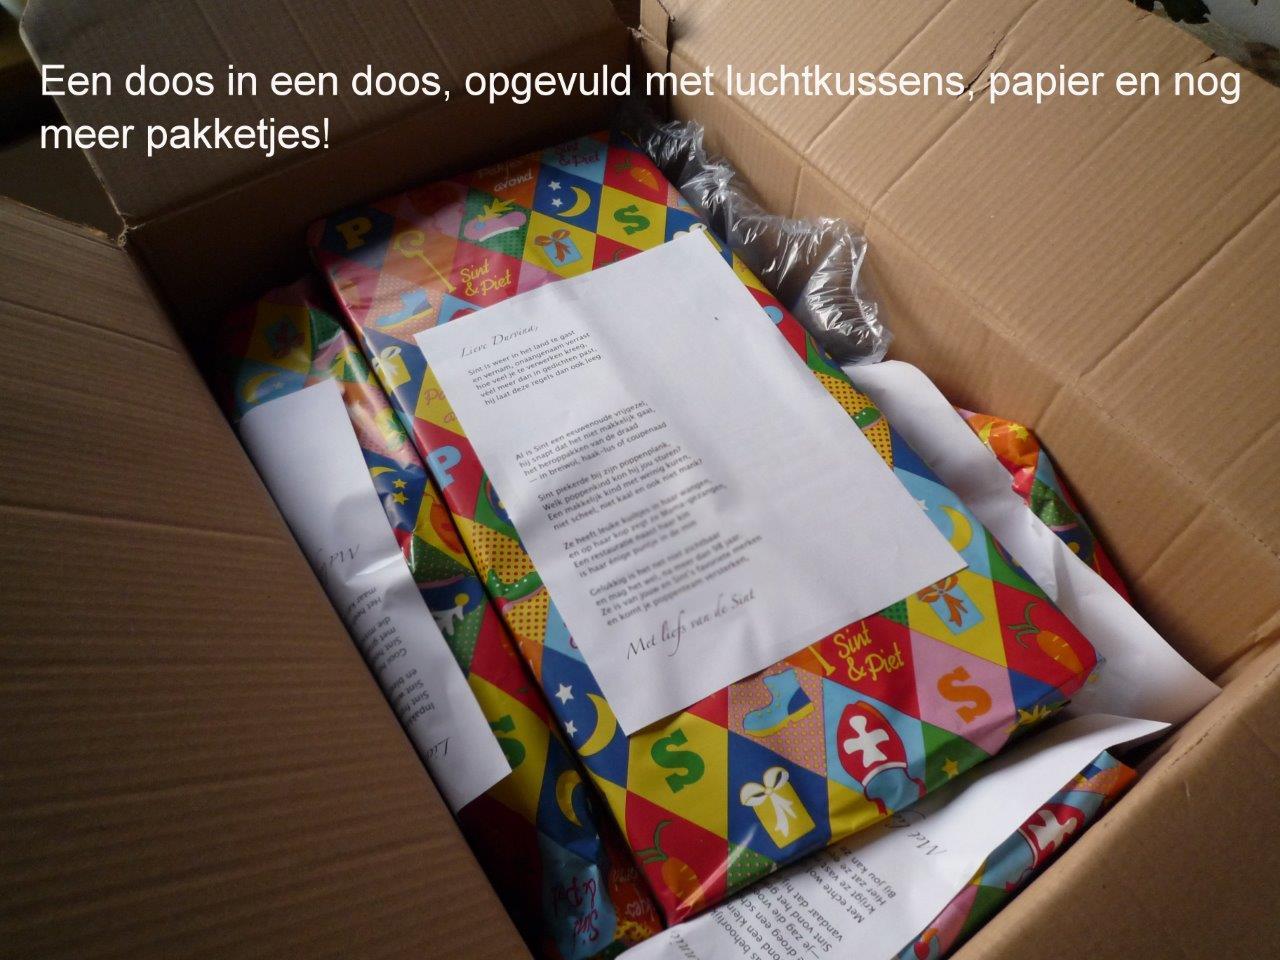 https://welkepopisdat.nl/afbeeldingen-Forum/DurvinaFotos/5%20poppen%20(2).jpg